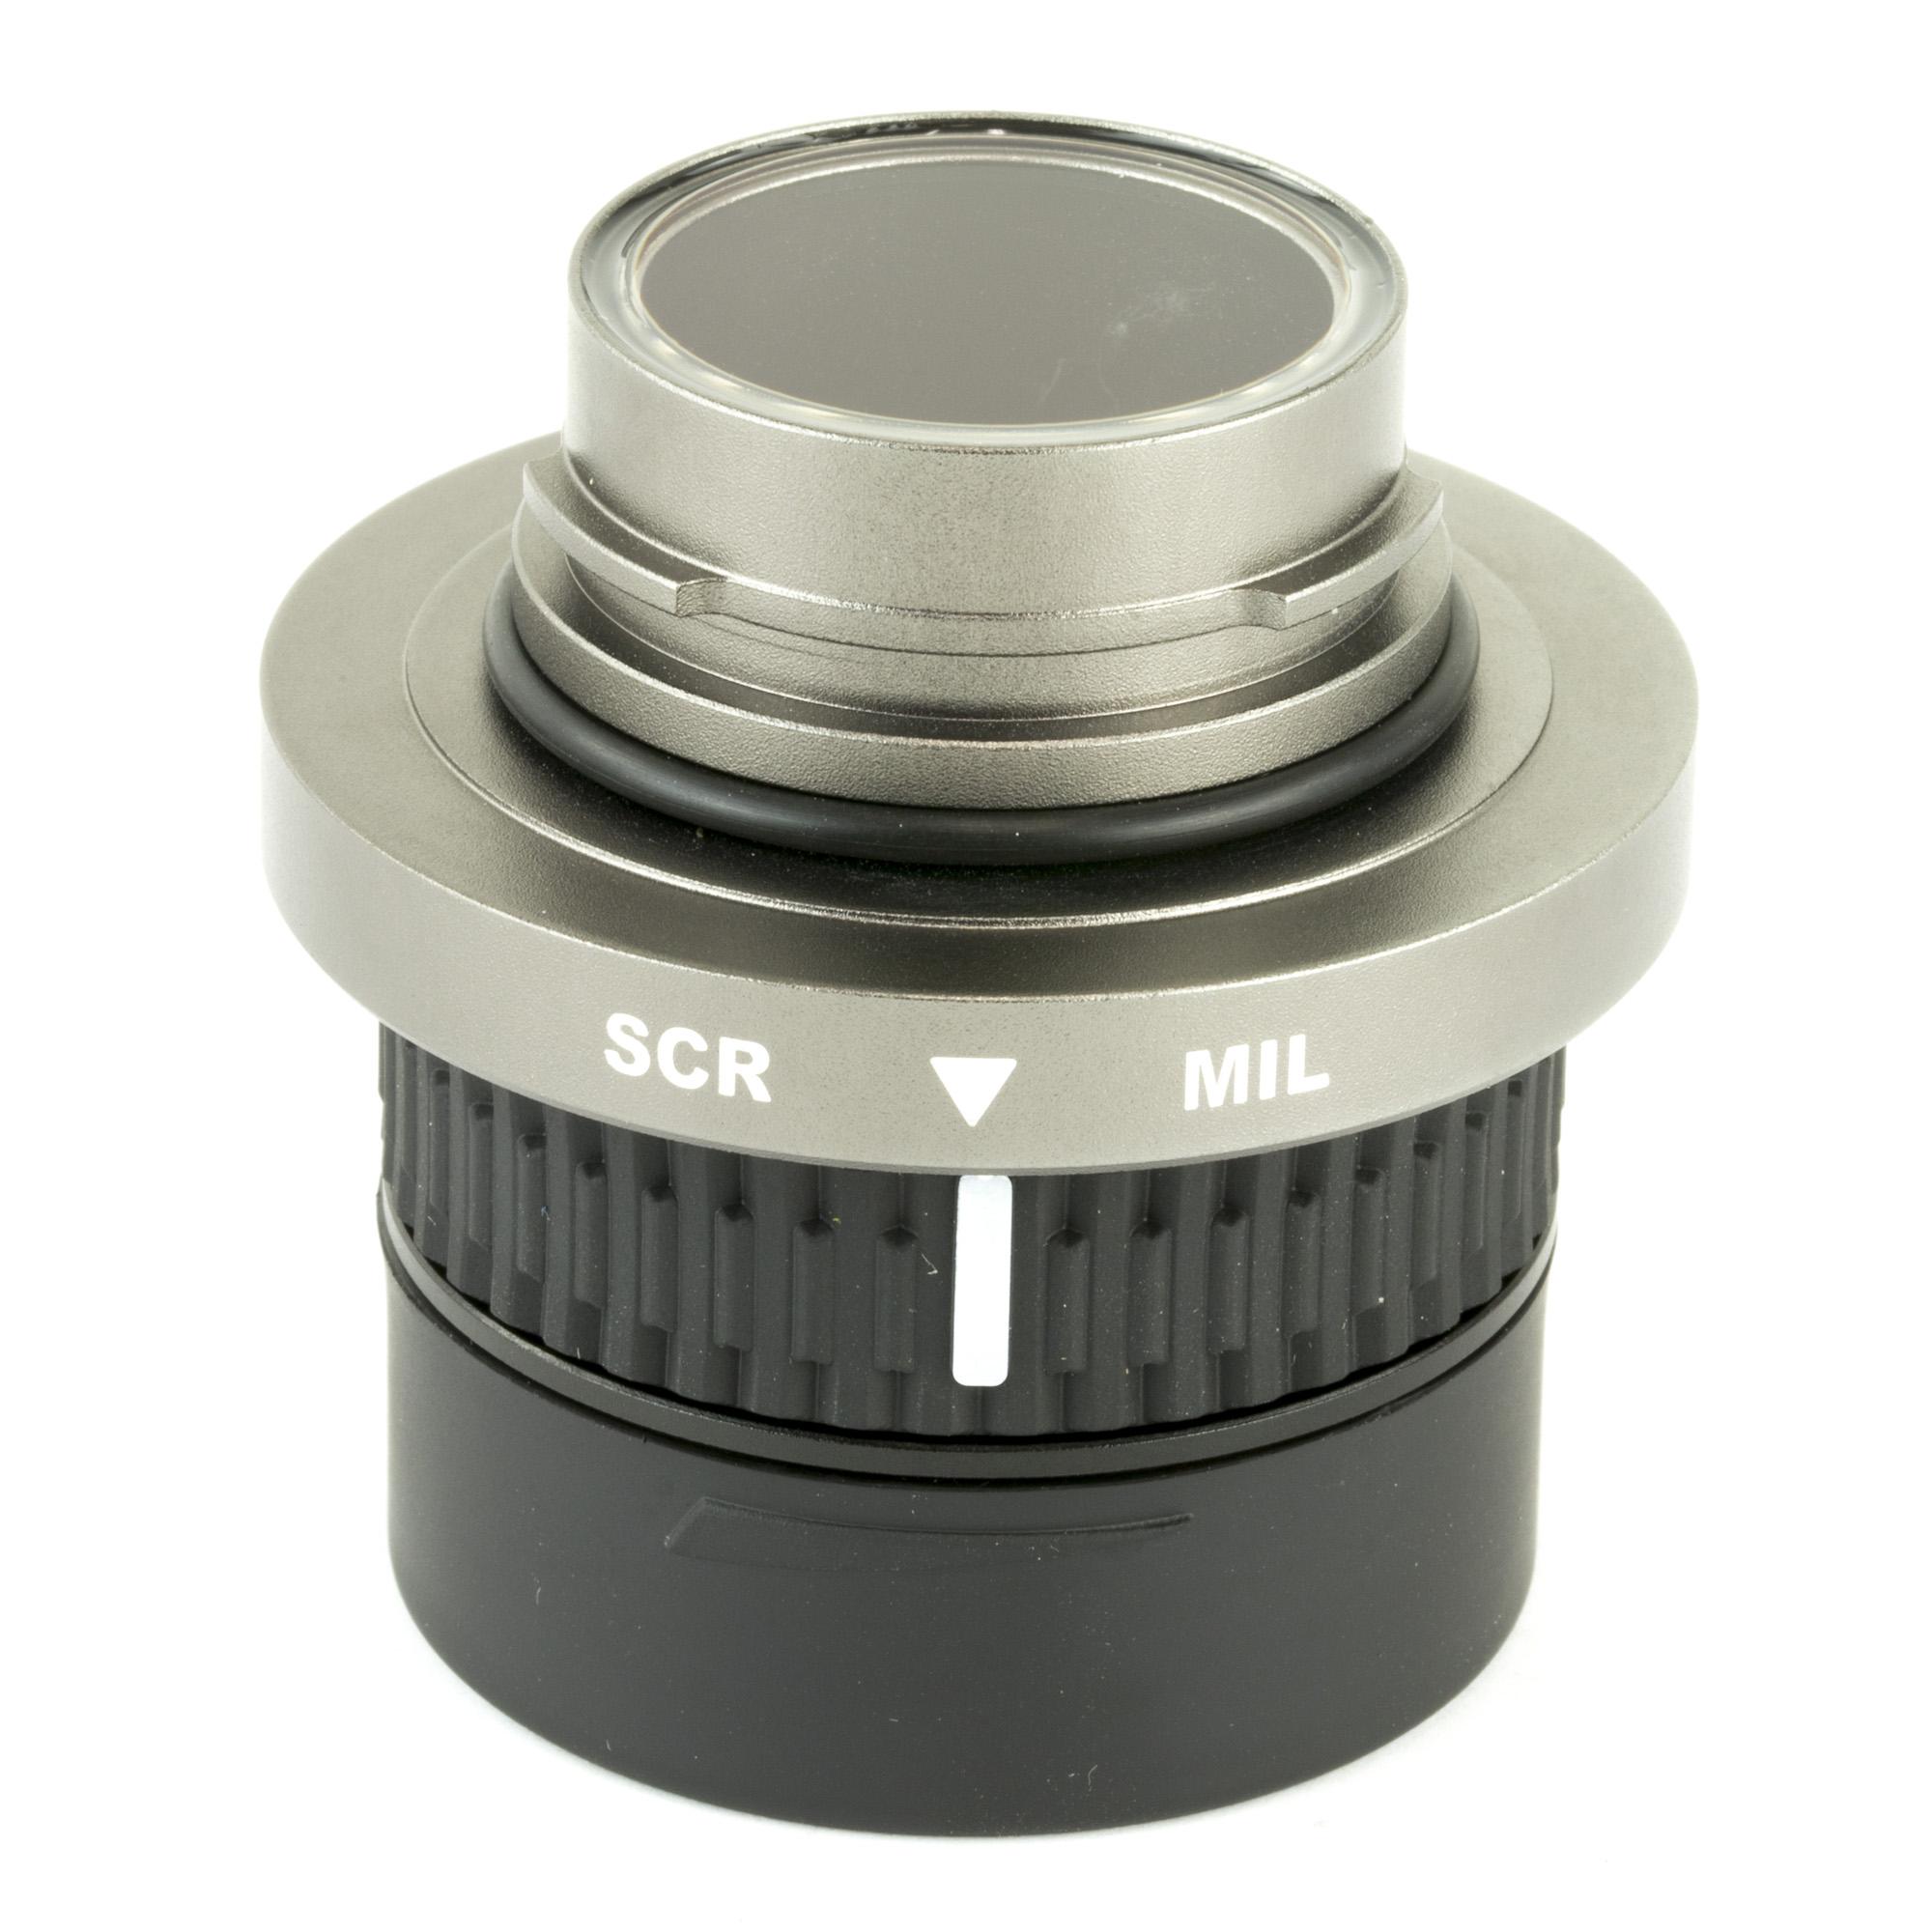 Burris Spotter Eyepiece 30x Wa Mil